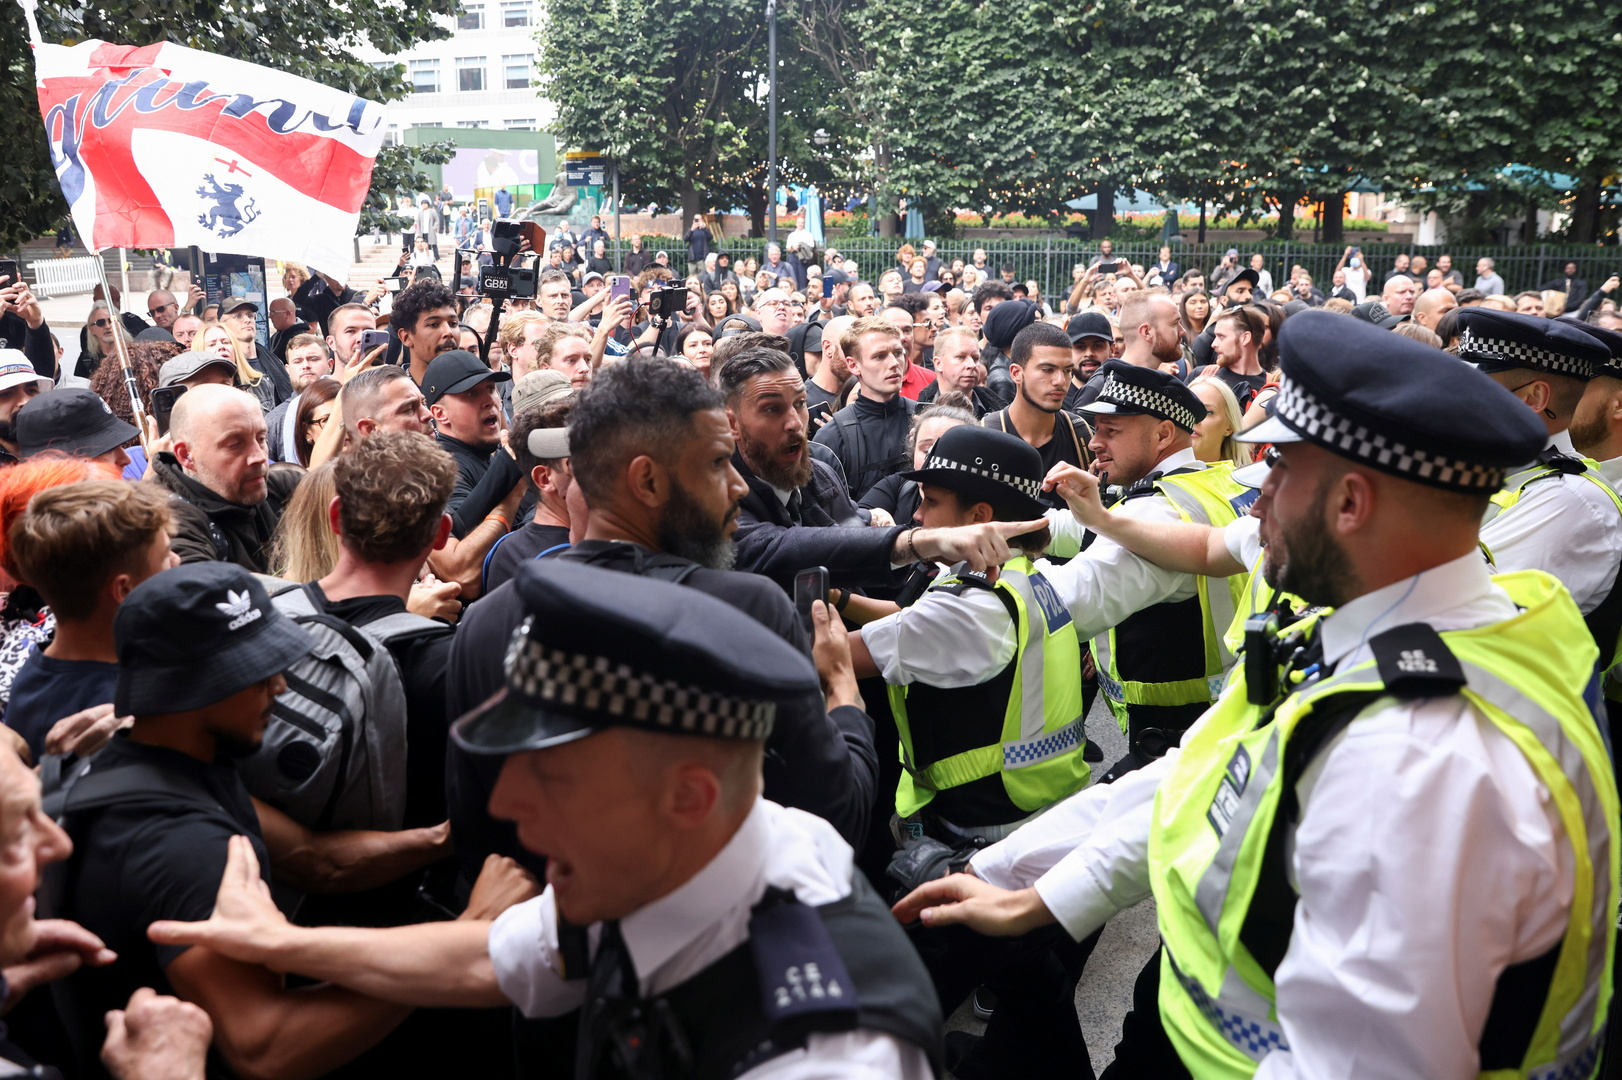 اشتباكات بين رجال الأمن ومعارضي تطعيم المراهقين ضد فيروس كورونا، لندن، 3 سبتمبر 2021